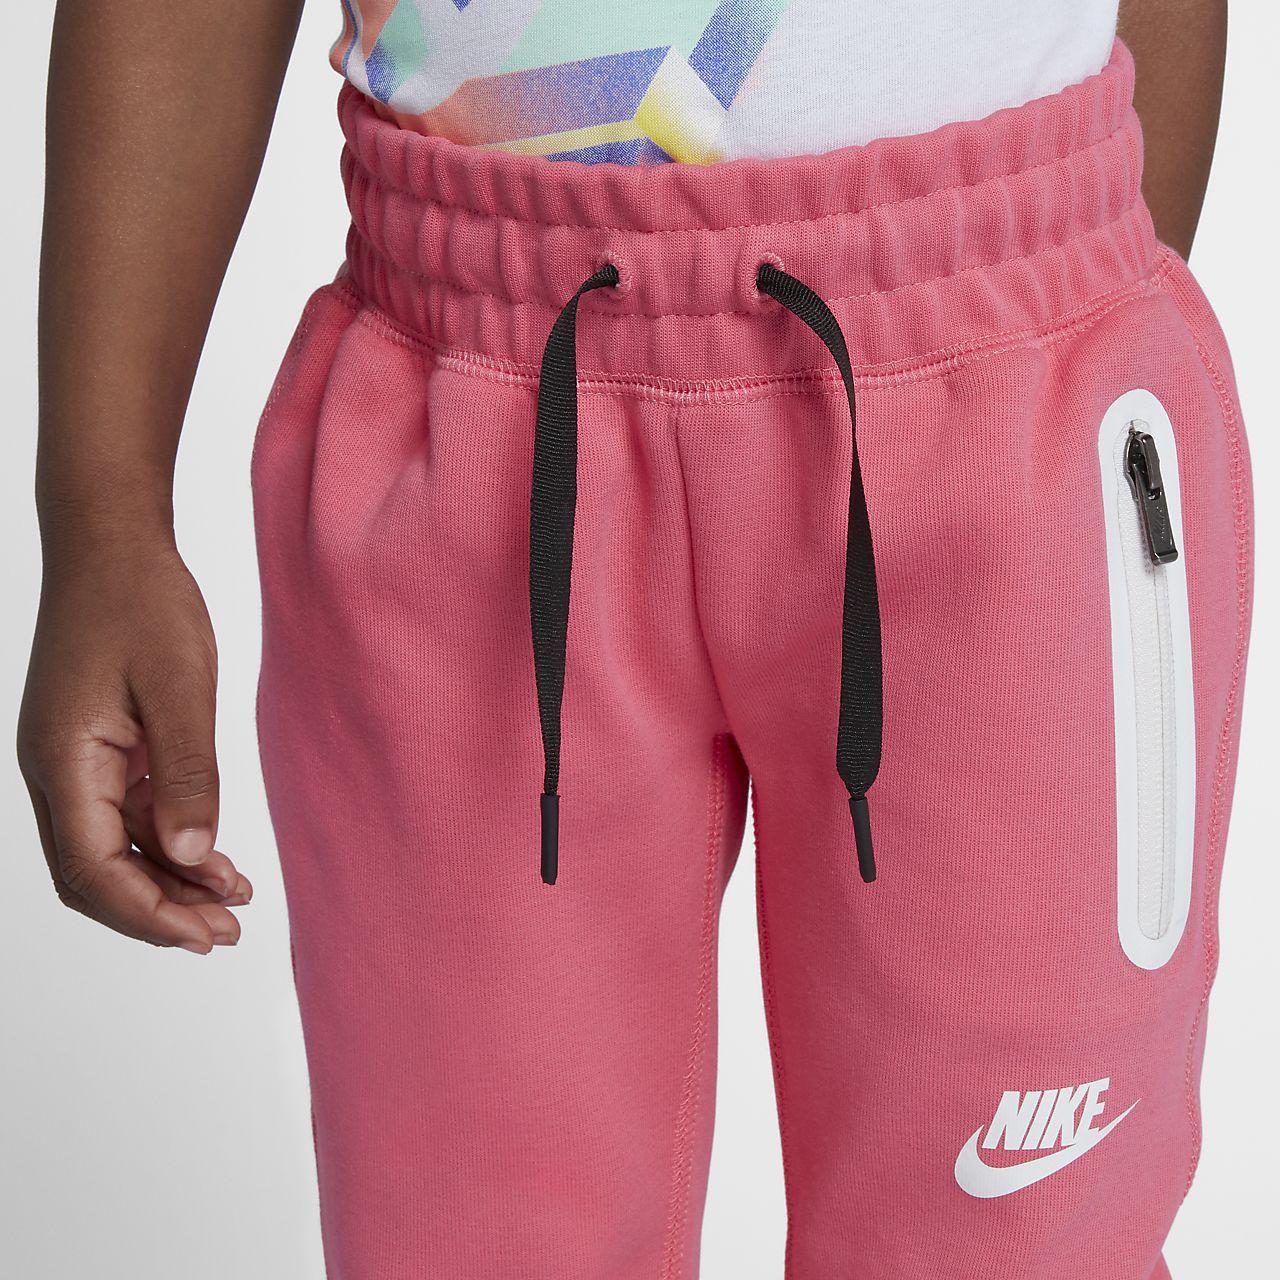 b126d4521 Nike Sportswear Tech Fleece Little Kids' Pants. Nike.com